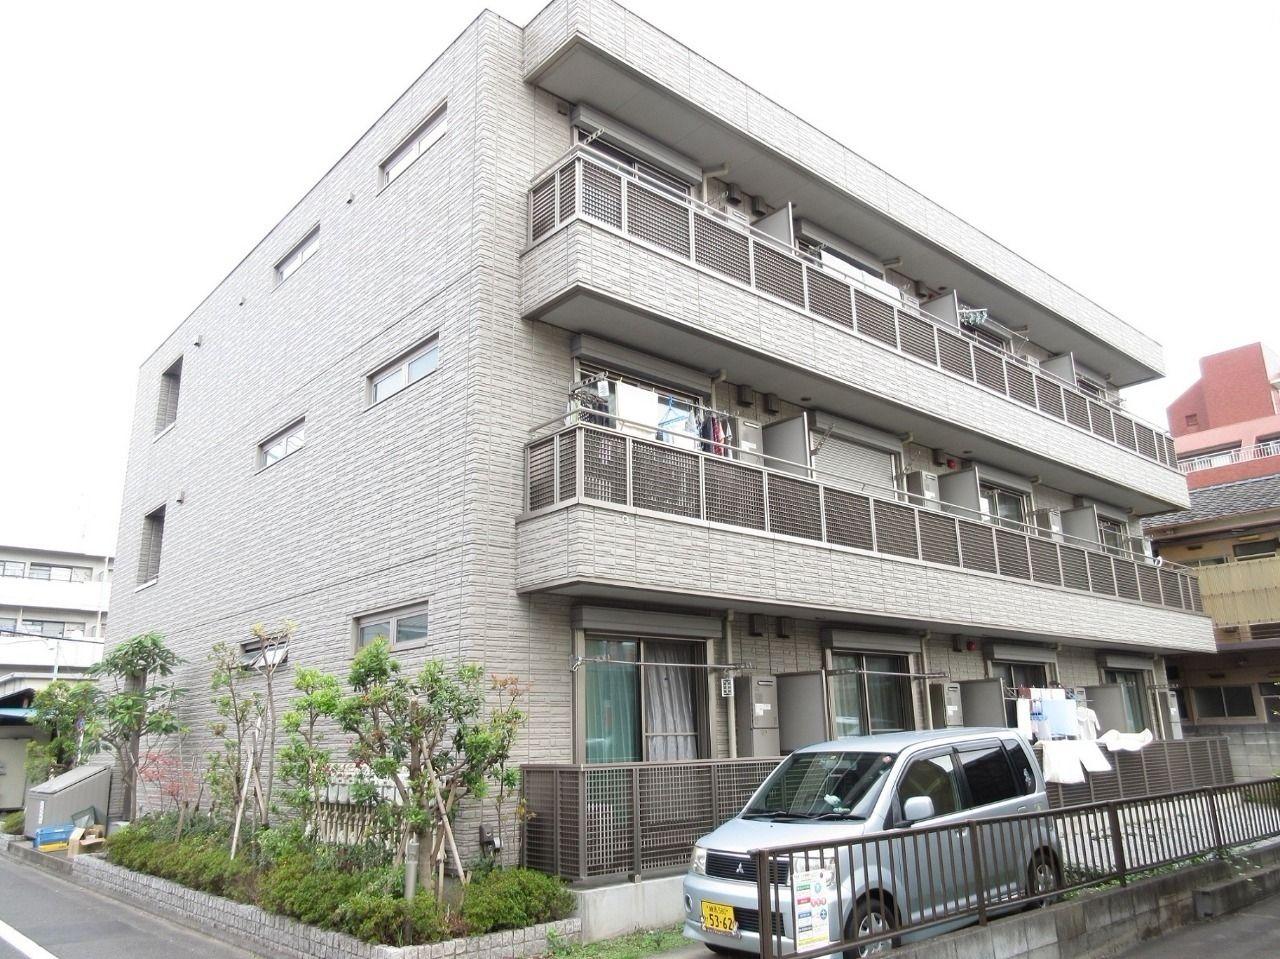 みなさまこんにちは。 板橋区高島平の賃貸マンション【TOKIO305号室】を藤ホーム地所株式会社の遠藤がご紹介いたします。